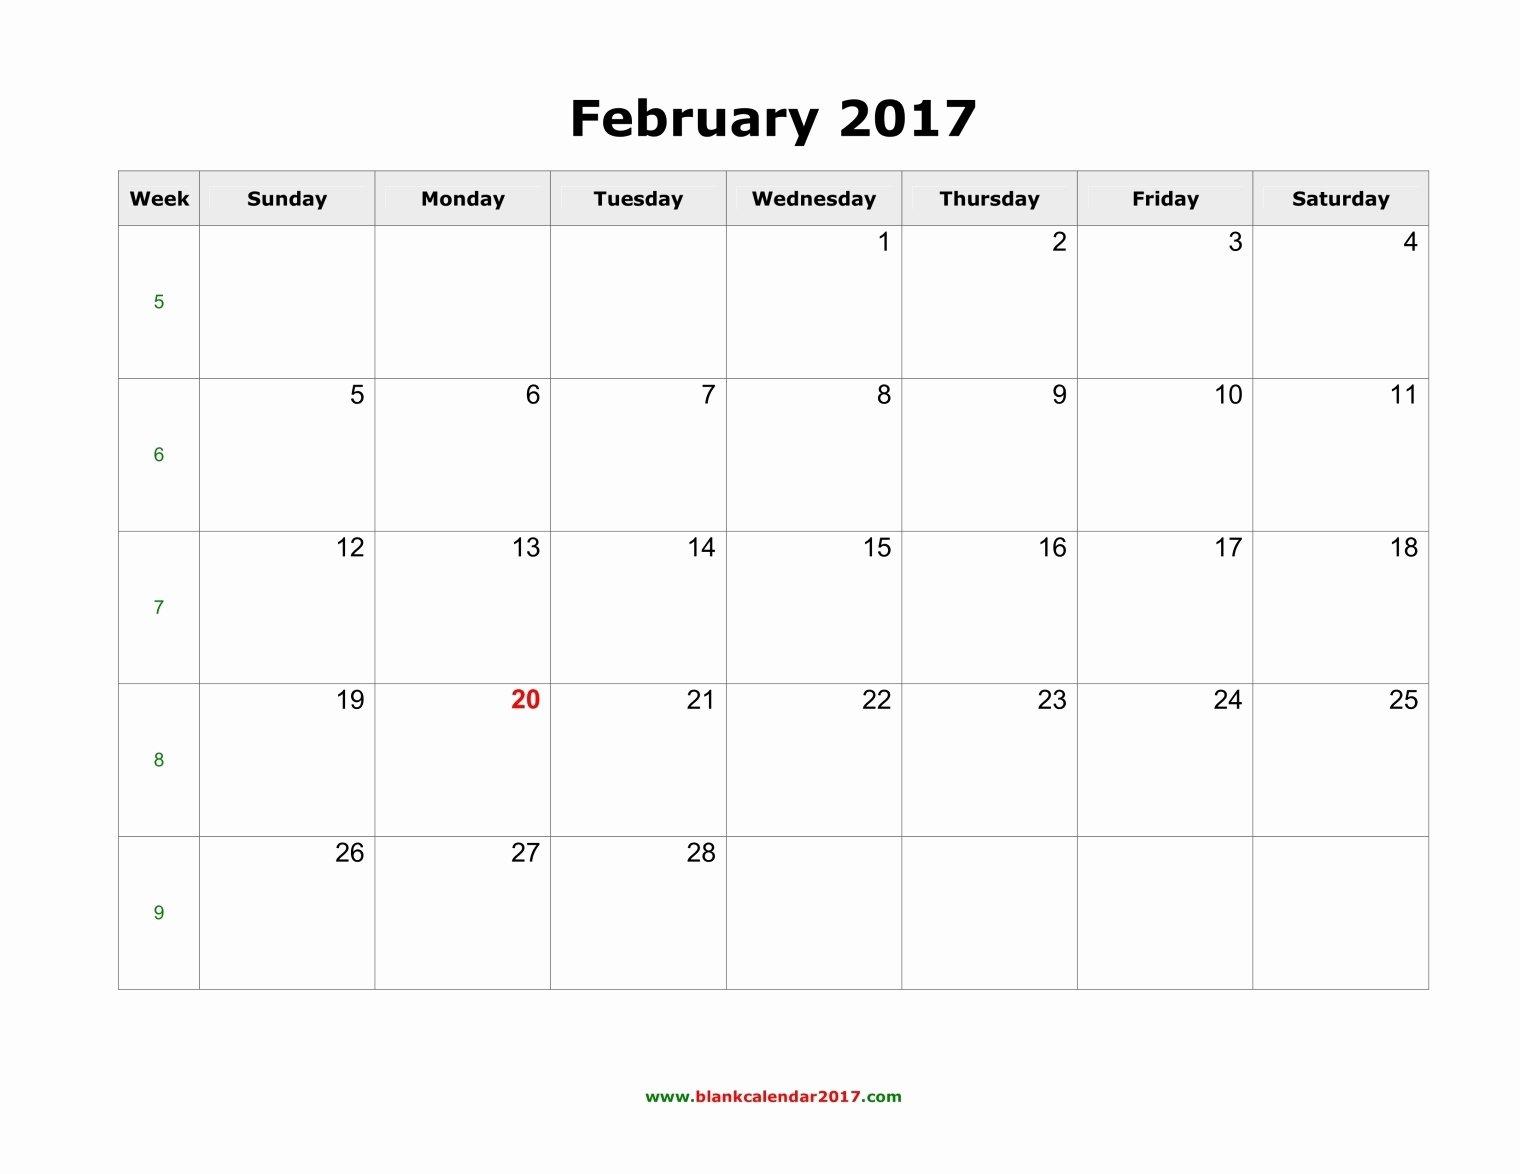 February 2017 Calendar Excel